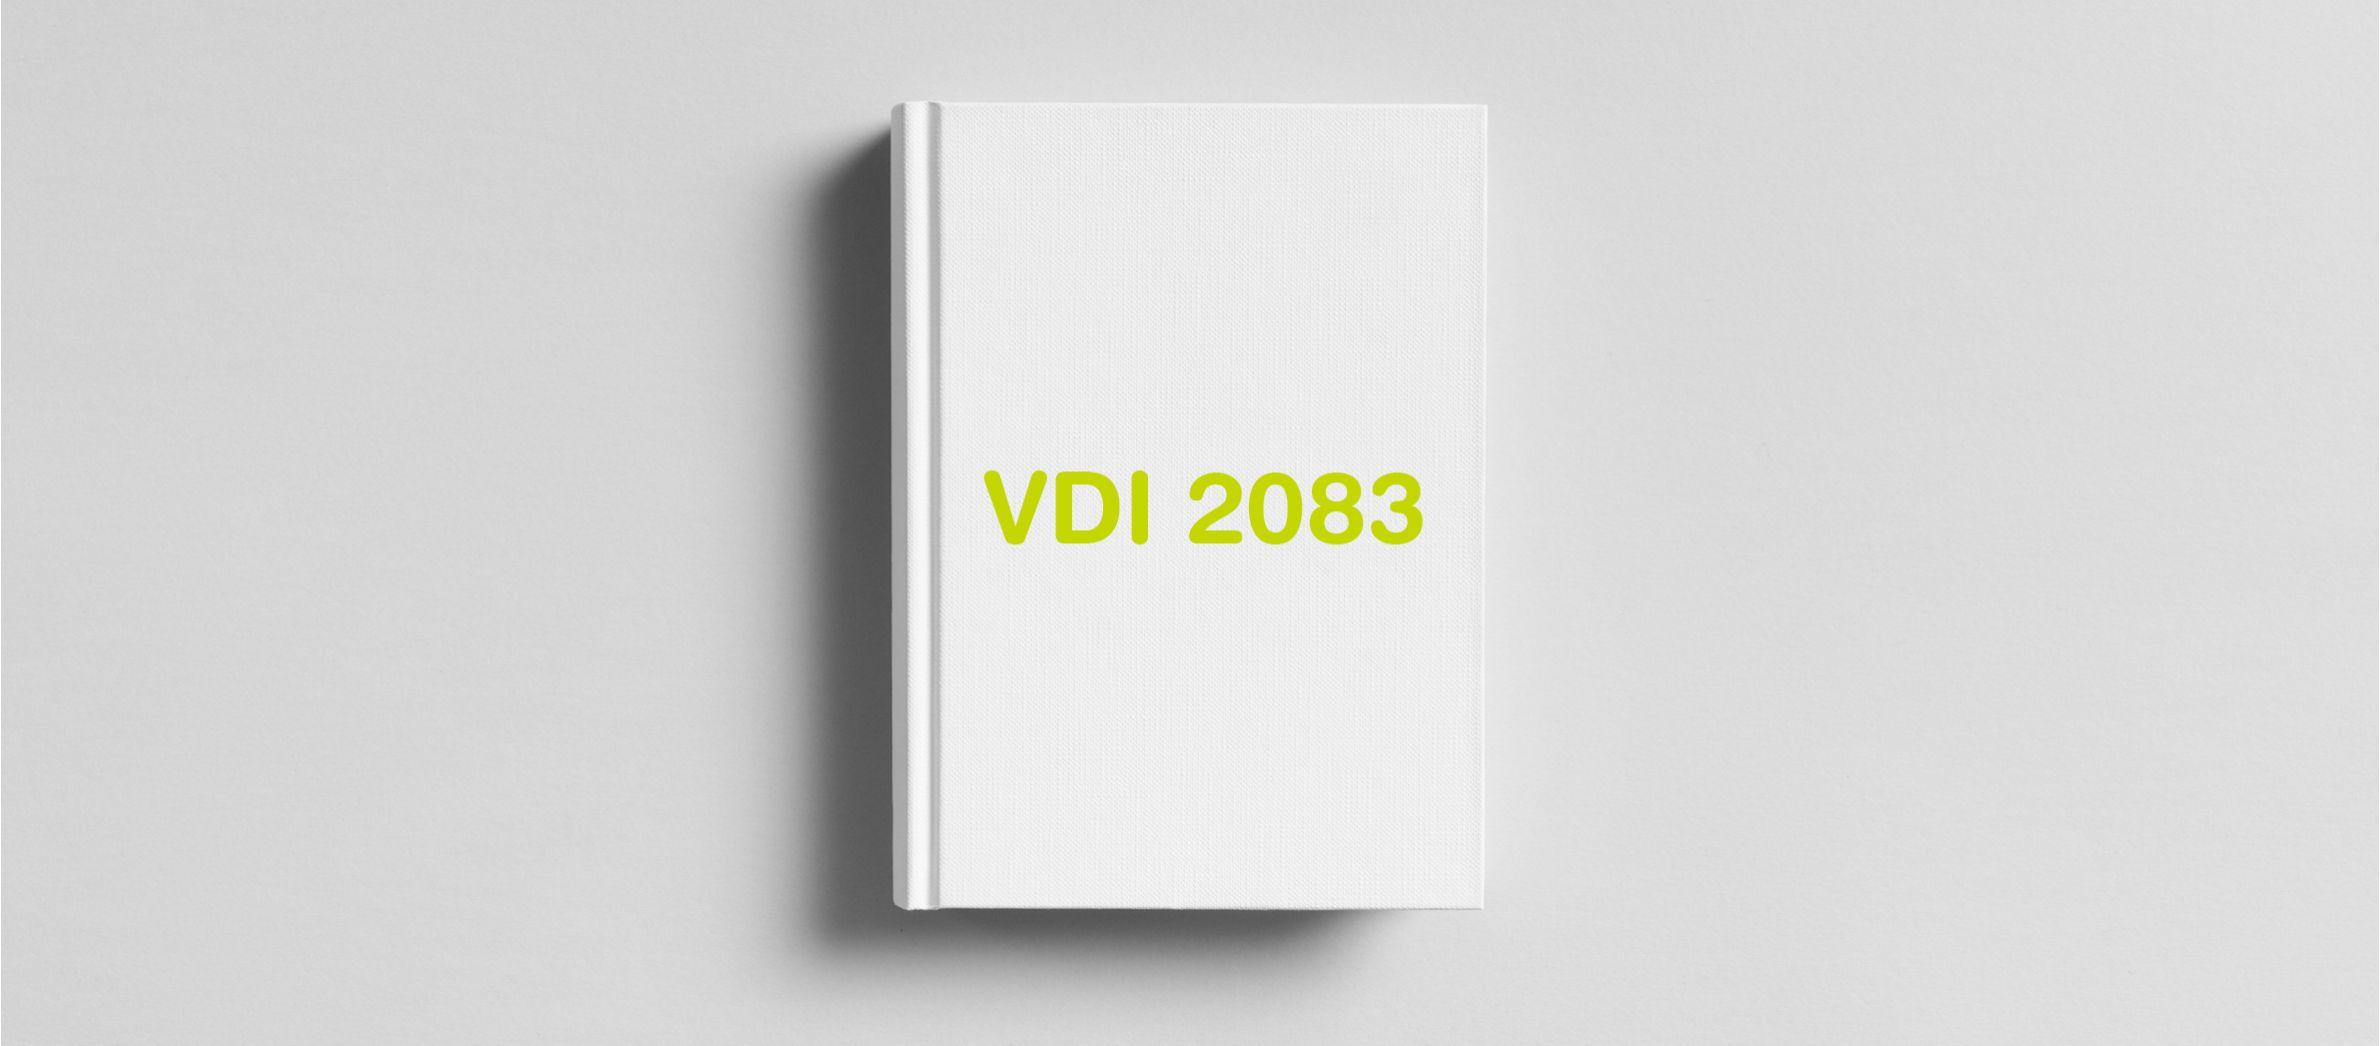 VDI 2083 bei pure11